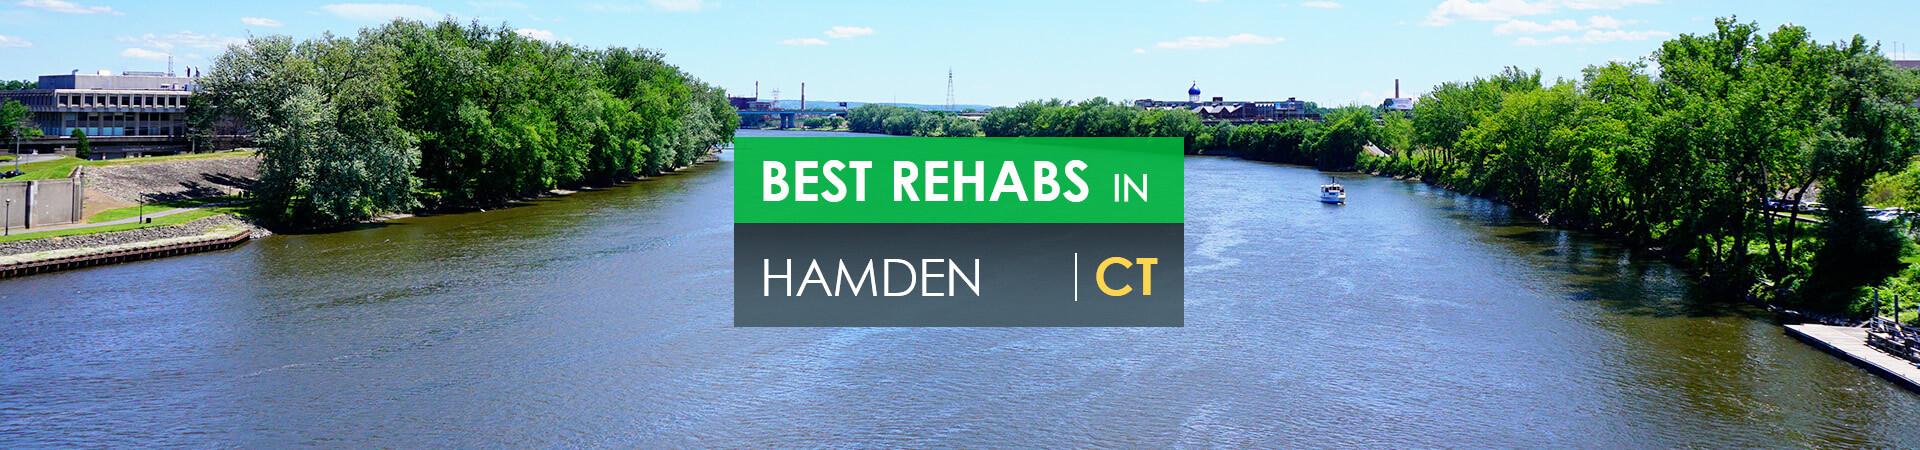 Best rehabs in Hamden, CT